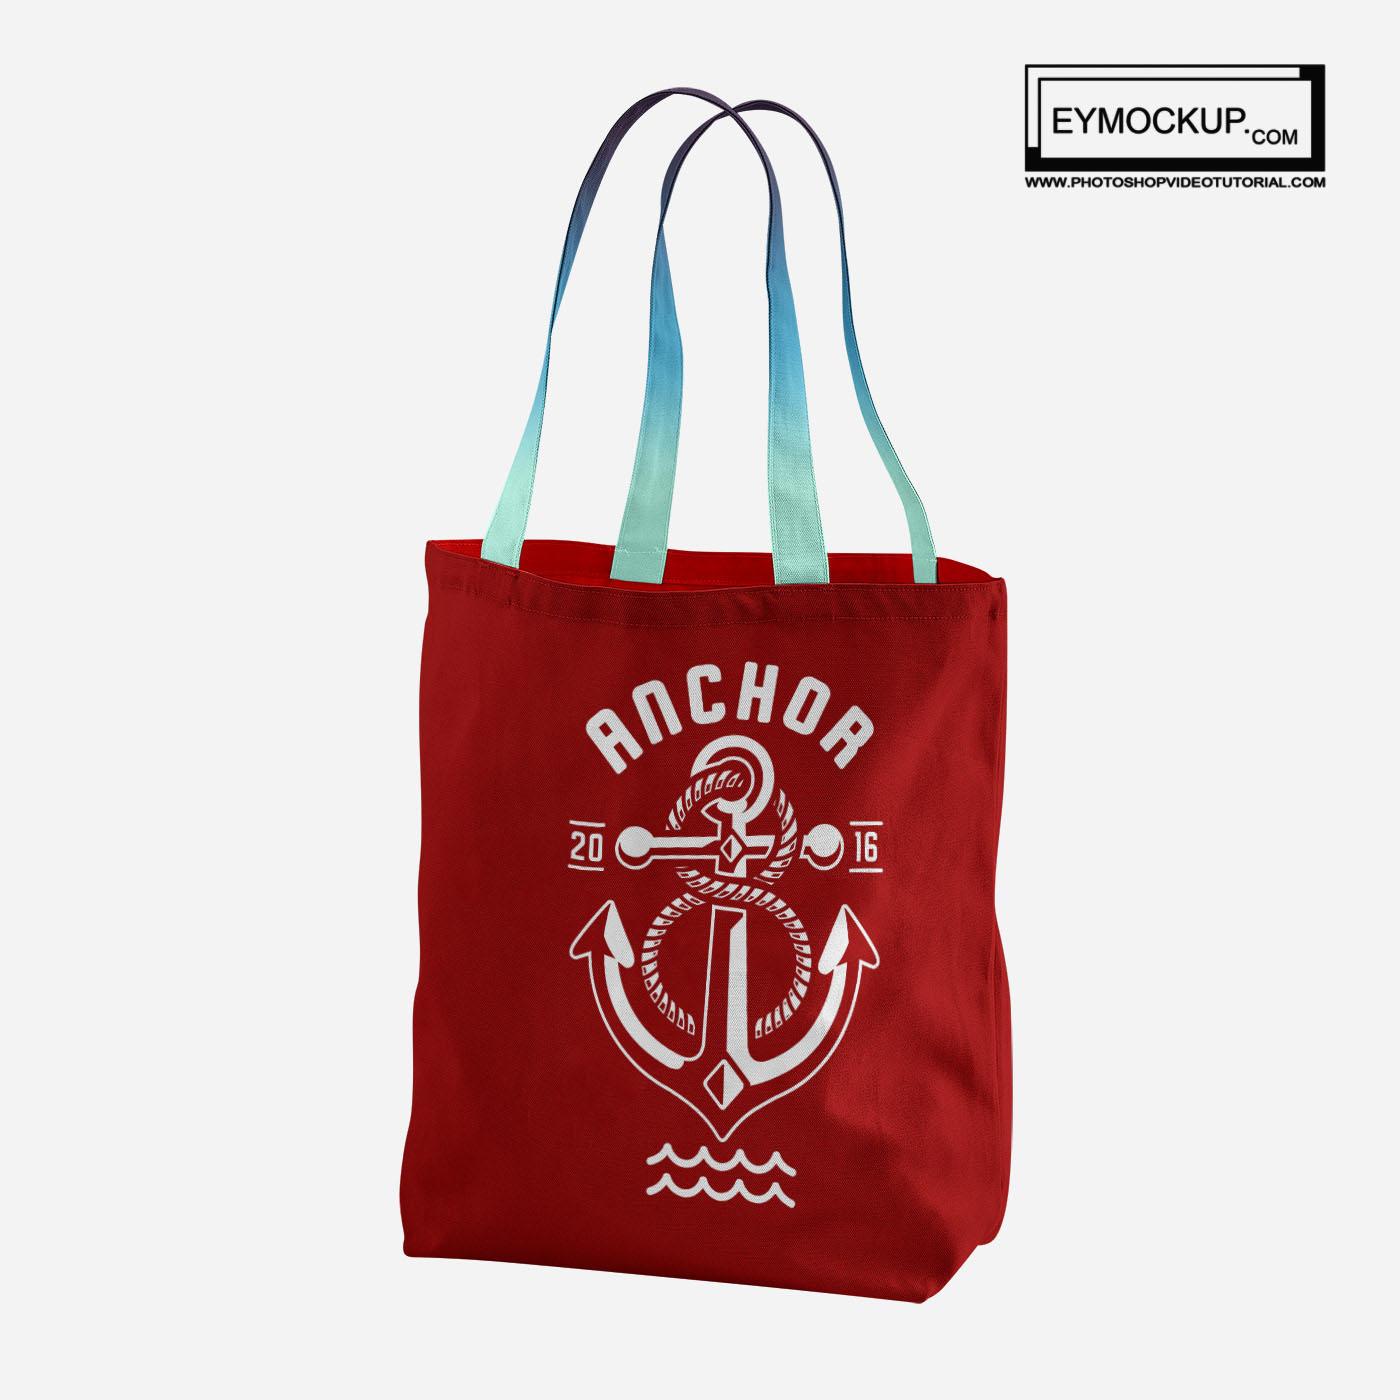 Free Tote Bag Mockup